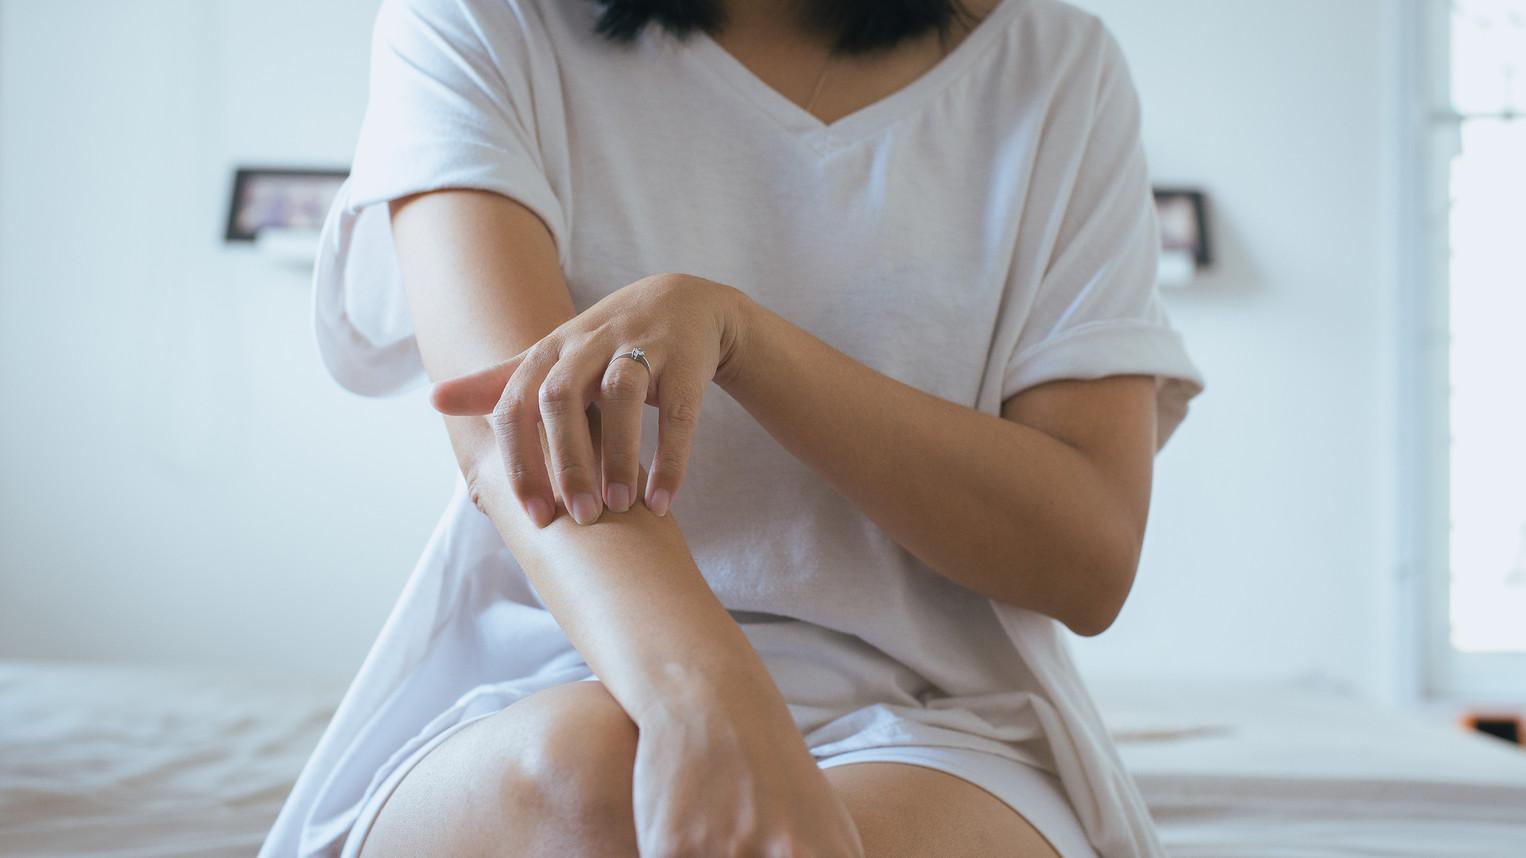 hogyan lehet gyorsan megszabadulni a viszketst pikkelysömörrel pikkelysömör kezelése az arc bőrén